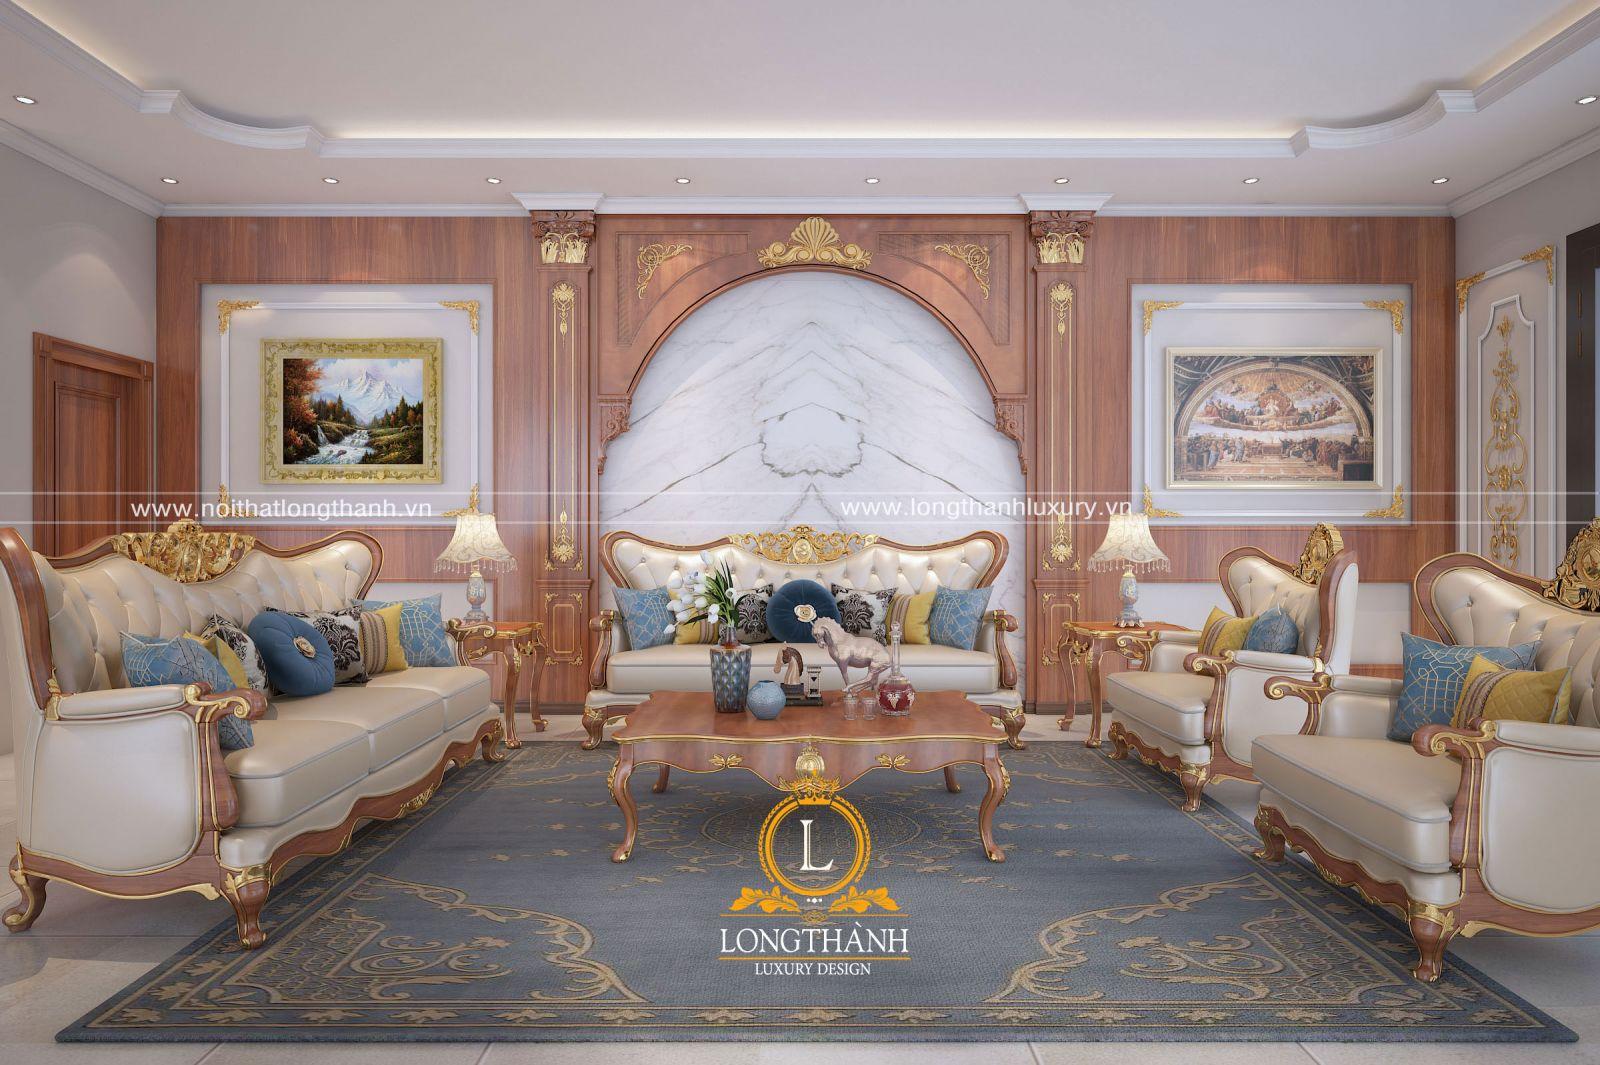 Sofa phòng khách có tone màu đồng nhất với các món đồ nội thất khác